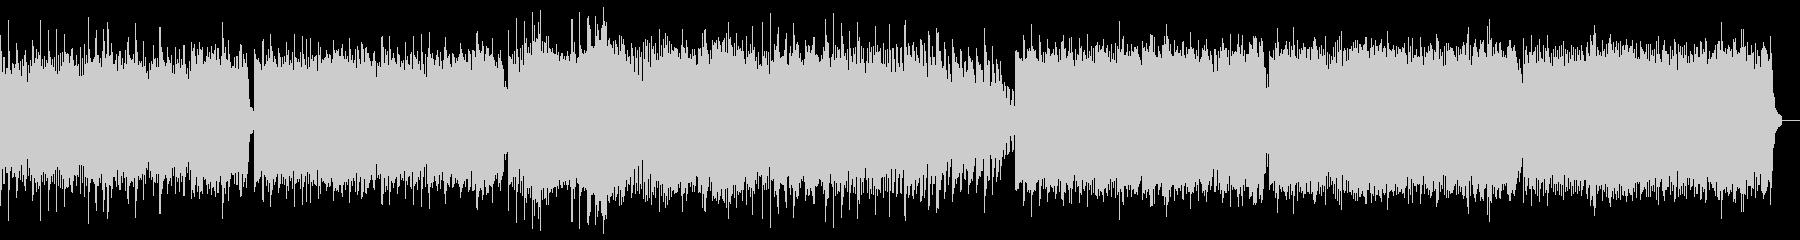 幻想的なリラクゼーションピアノBGMの未再生の波形